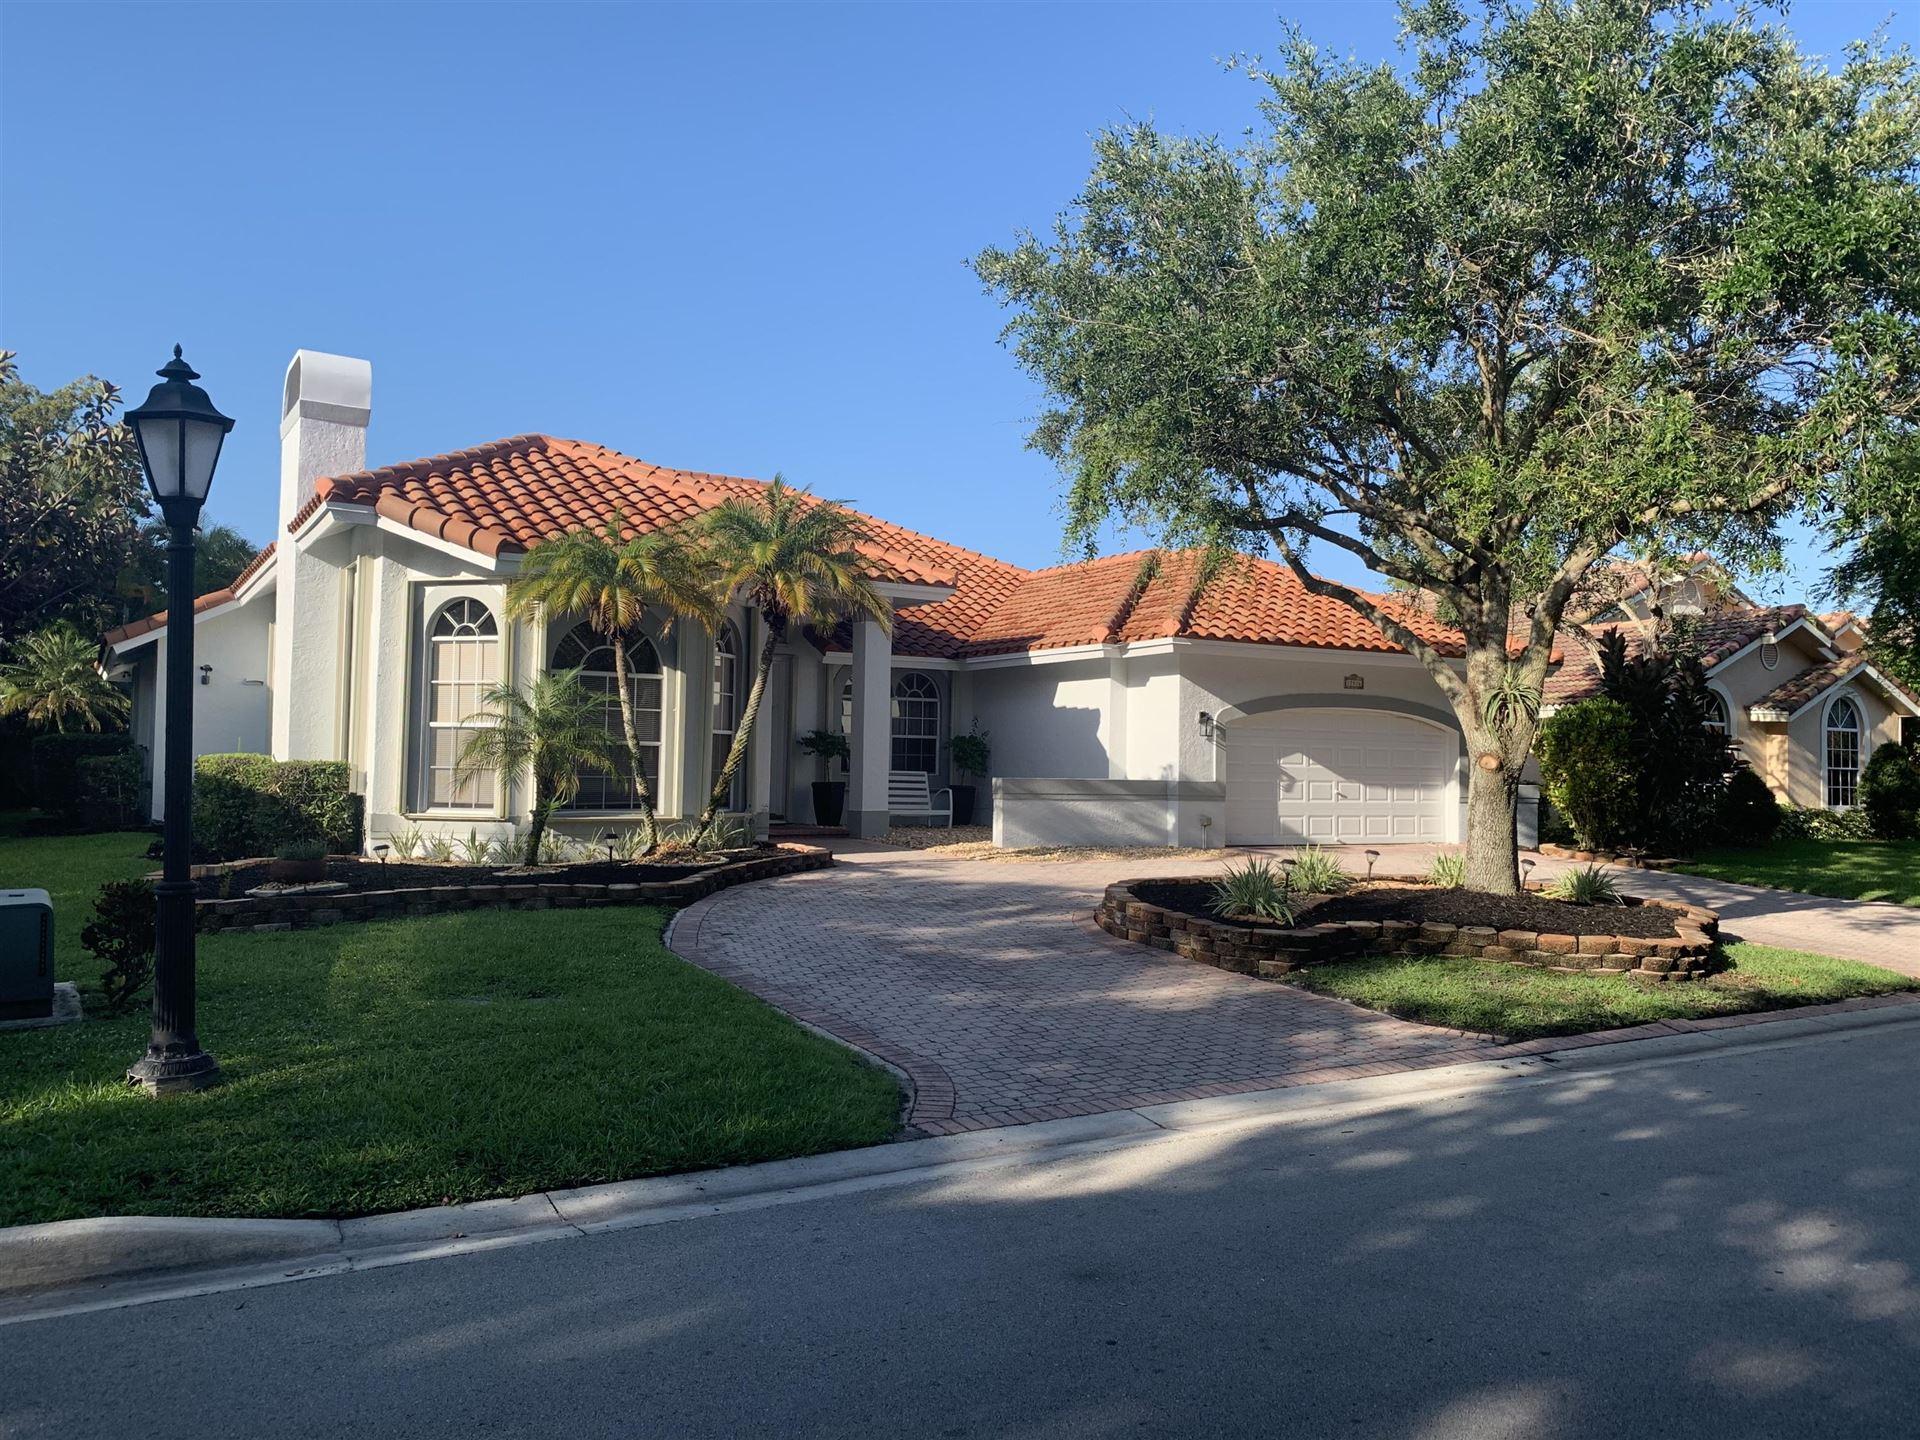 12536 Burning Tree Lane, Coral Springs, FL 33071 - MLS#: RX-10717189